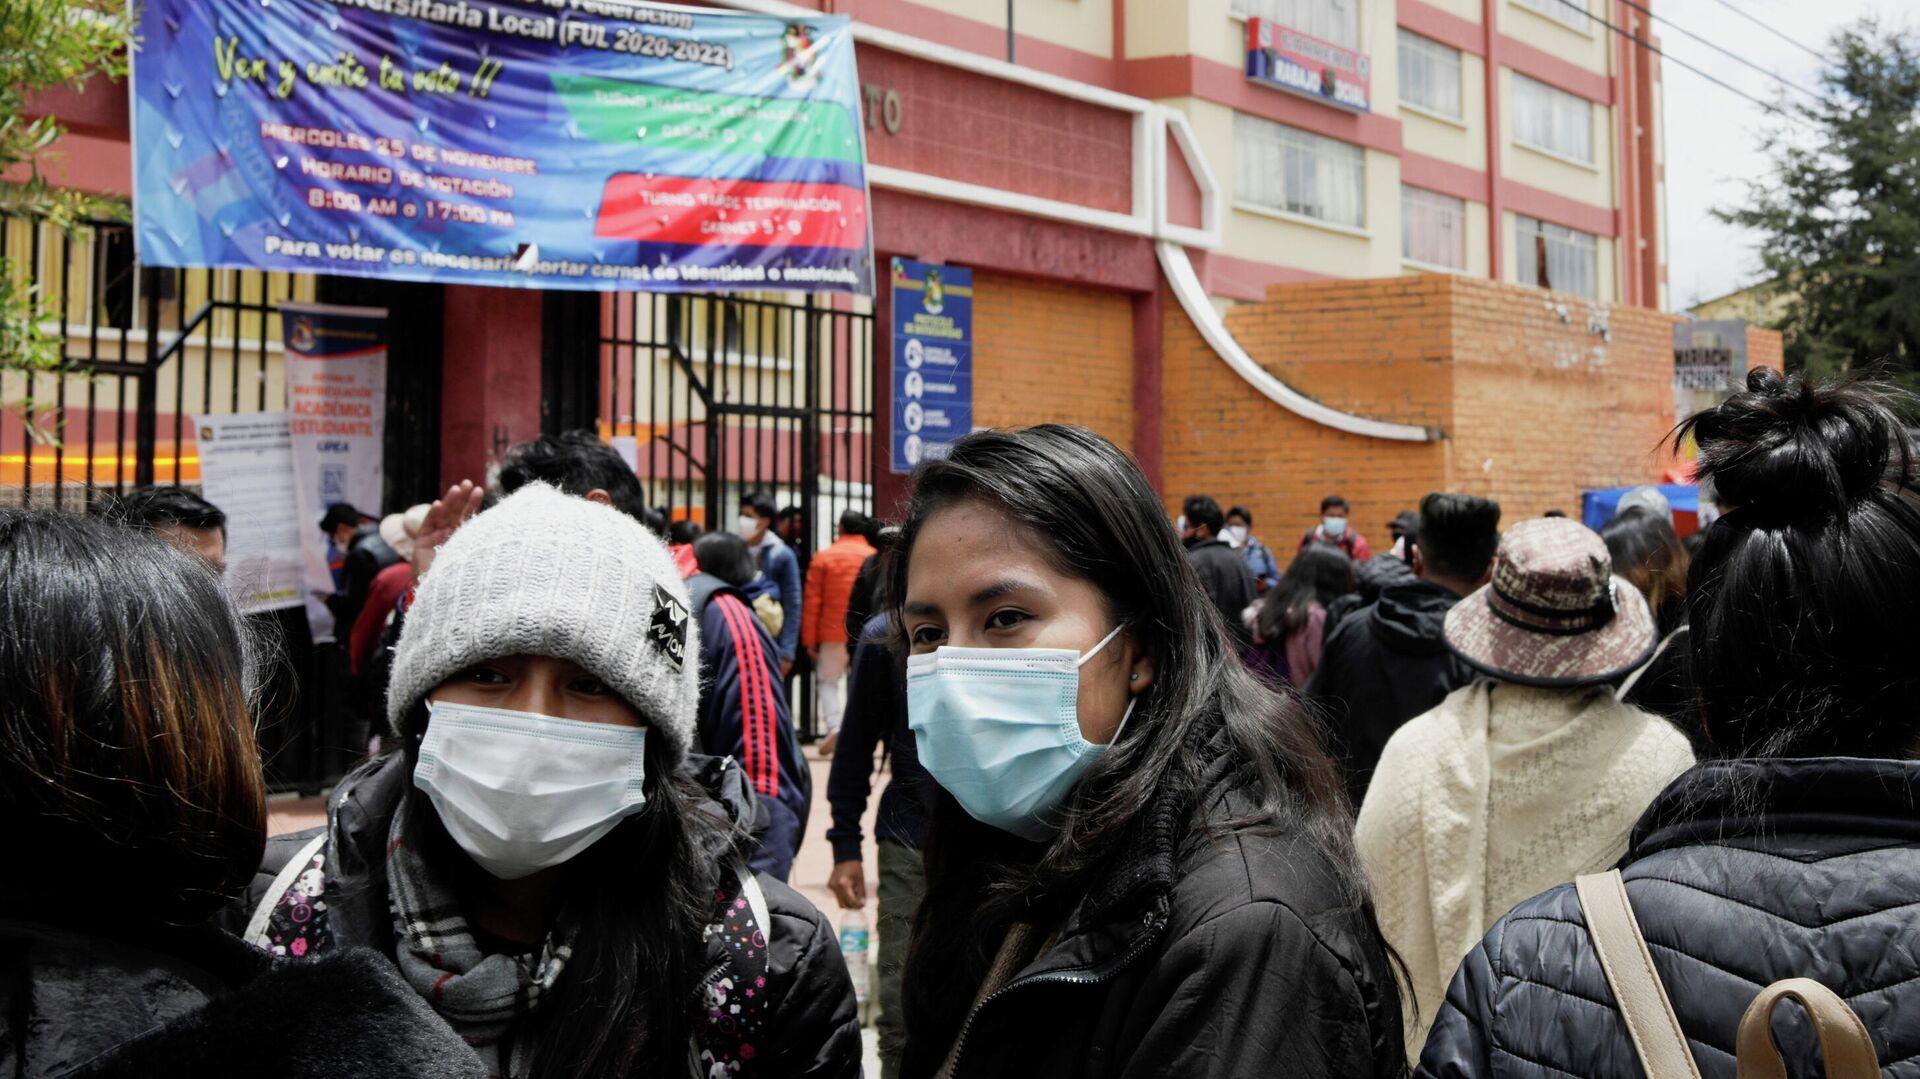 Estudiantes de la Universidad Pública de El Alto (UPEA) reunidos tras la tragedia estudiantil - Sputnik Mundo, 1920, 03.03.2021